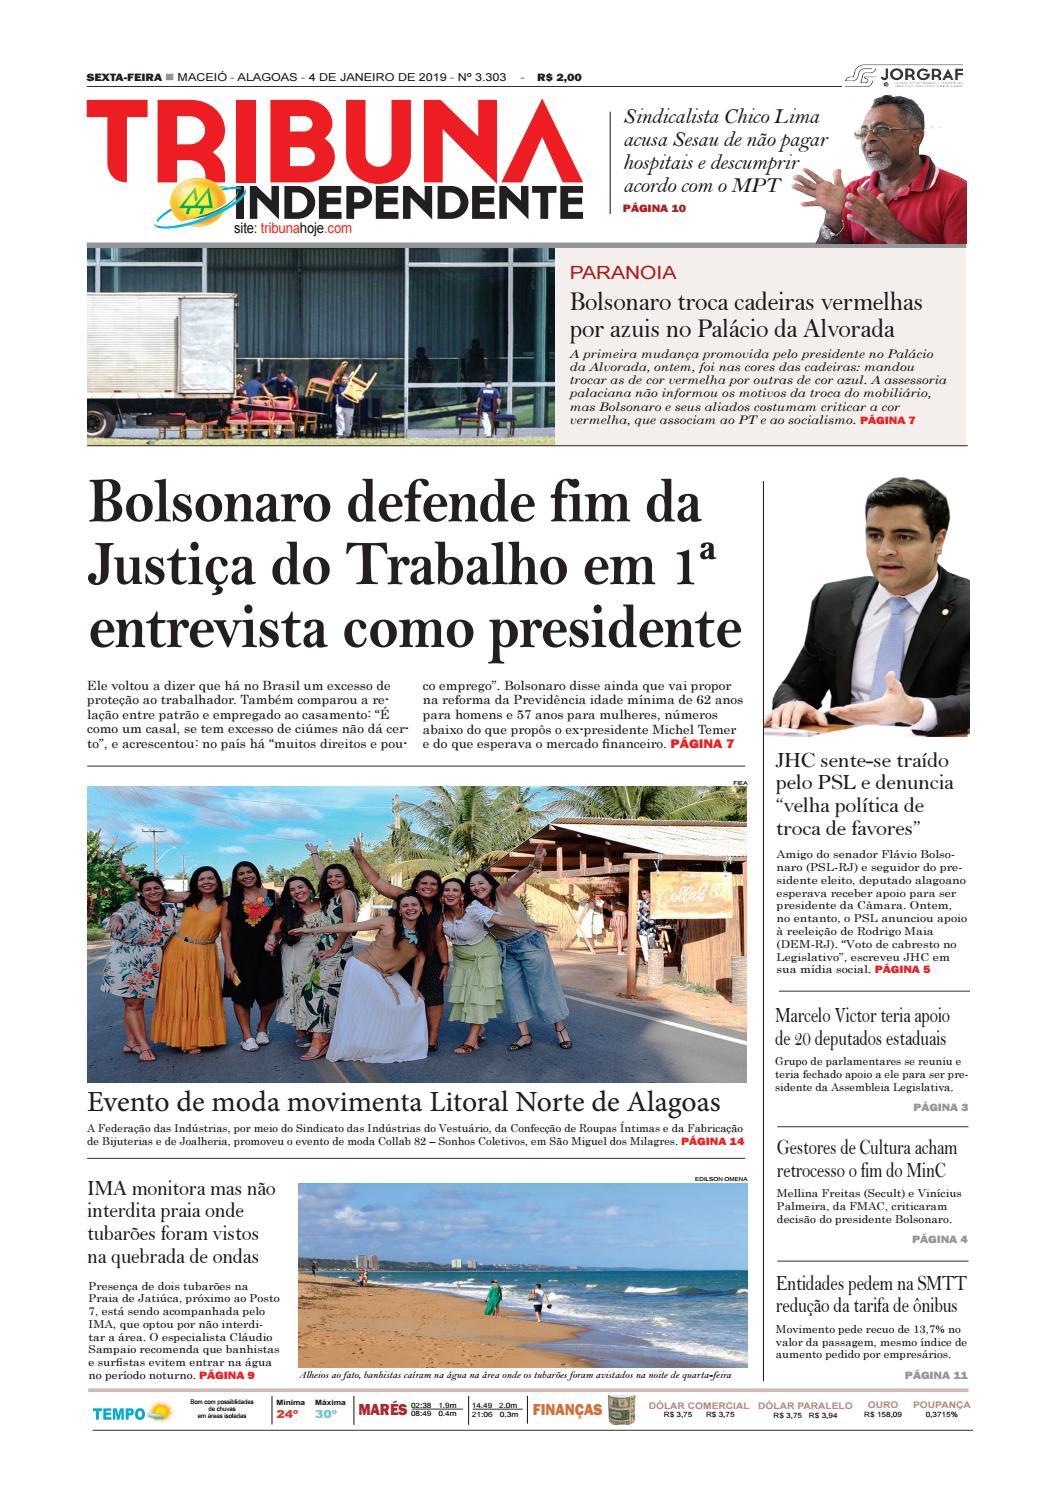 b5f4a35a6 Edição número 3303 - 4 de janeiro de 2019 by Tribuna Hoje - issuu